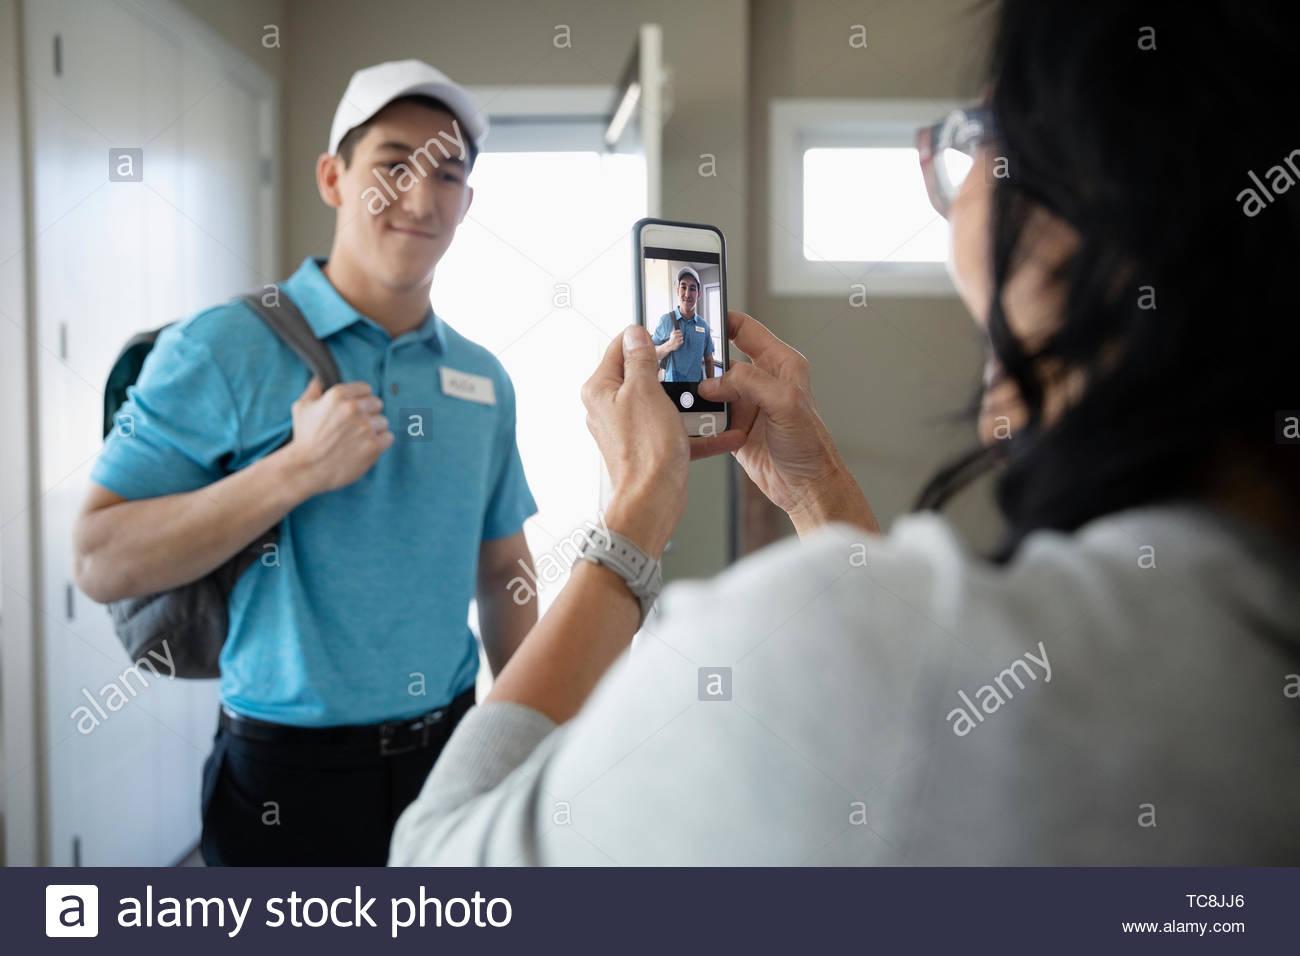 Fière mère avec téléphone appareil photo photographier fils adolescent en uniforme de travail Photo Stock